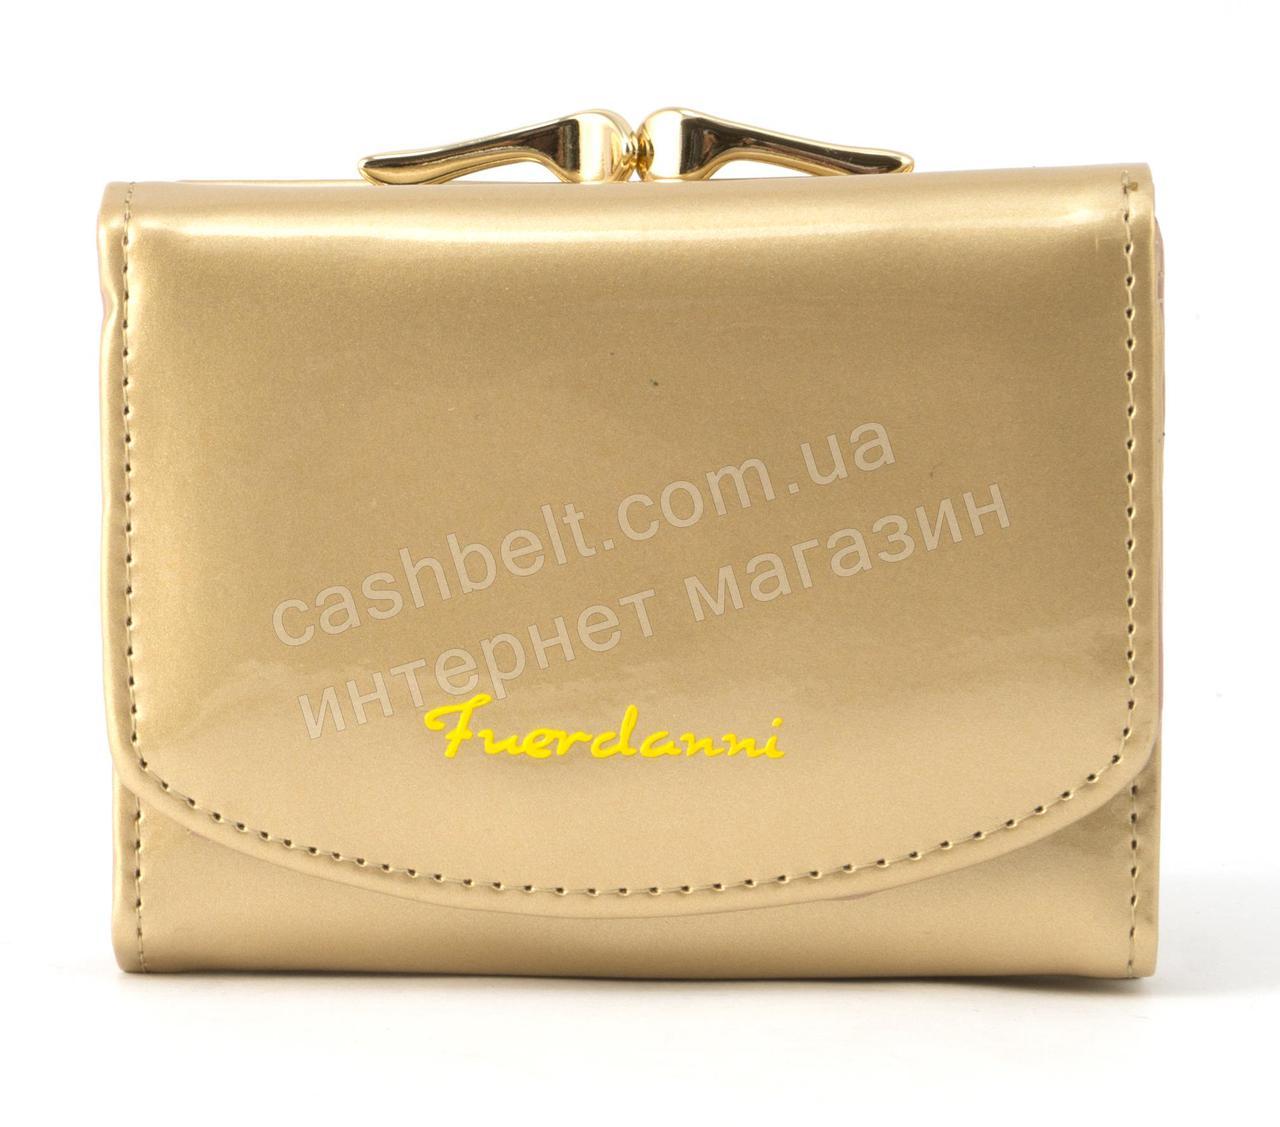 Женский компактный лаковый вместительный кошелек FUERDANNI art. 2568 золото